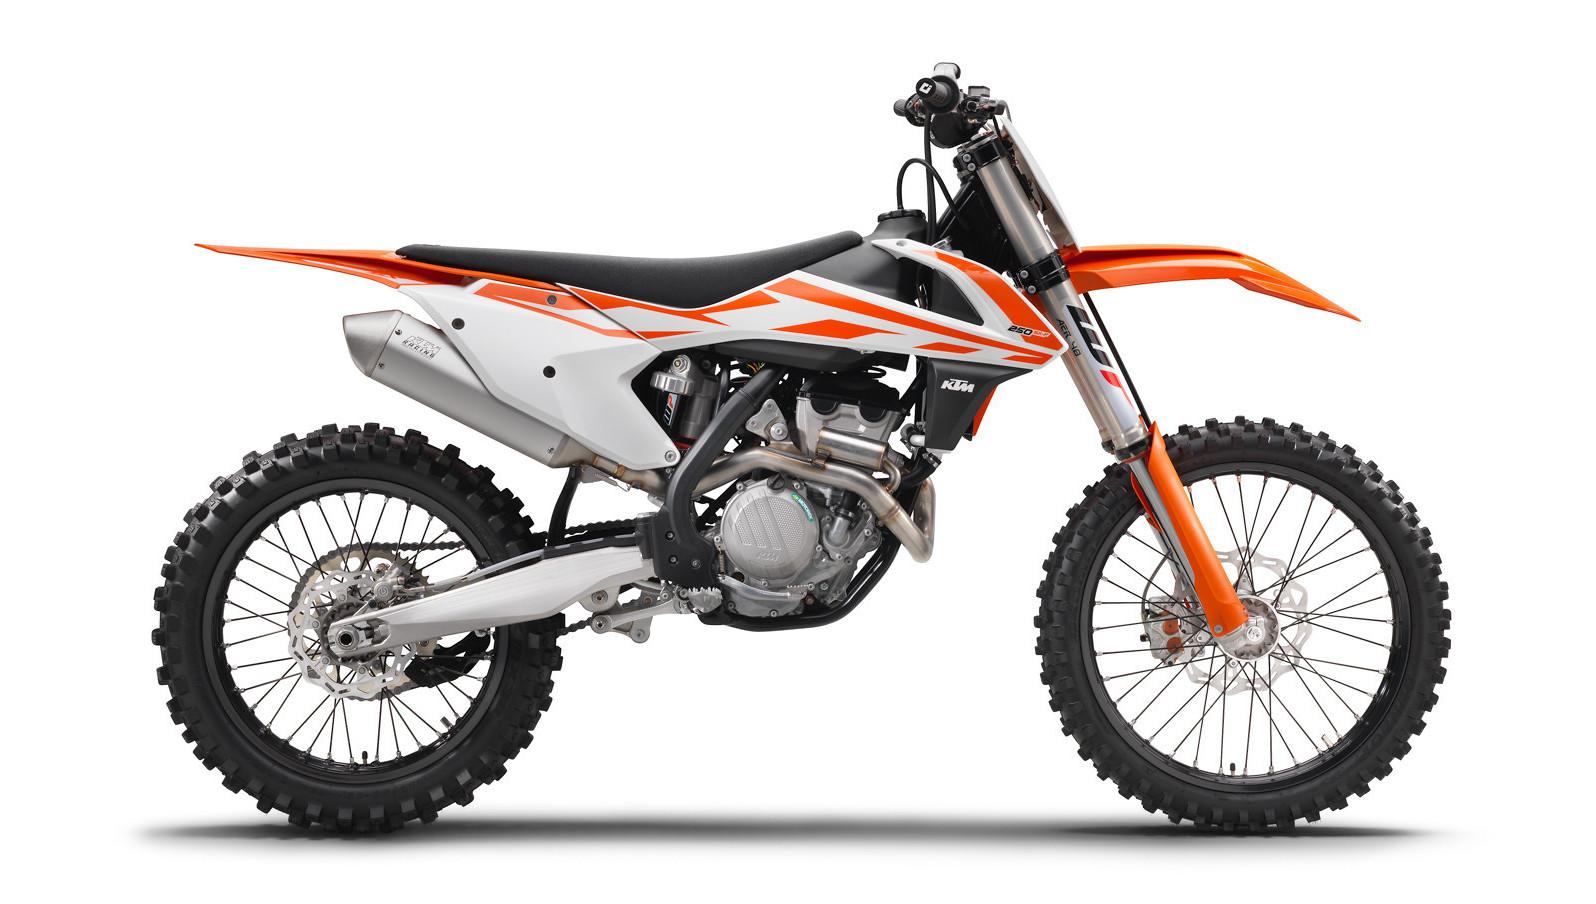 2017 ktm 250 sx f reviews comparisons specs motocross dirt bike bikes vital mx - Moto cross ktm a colorier ...